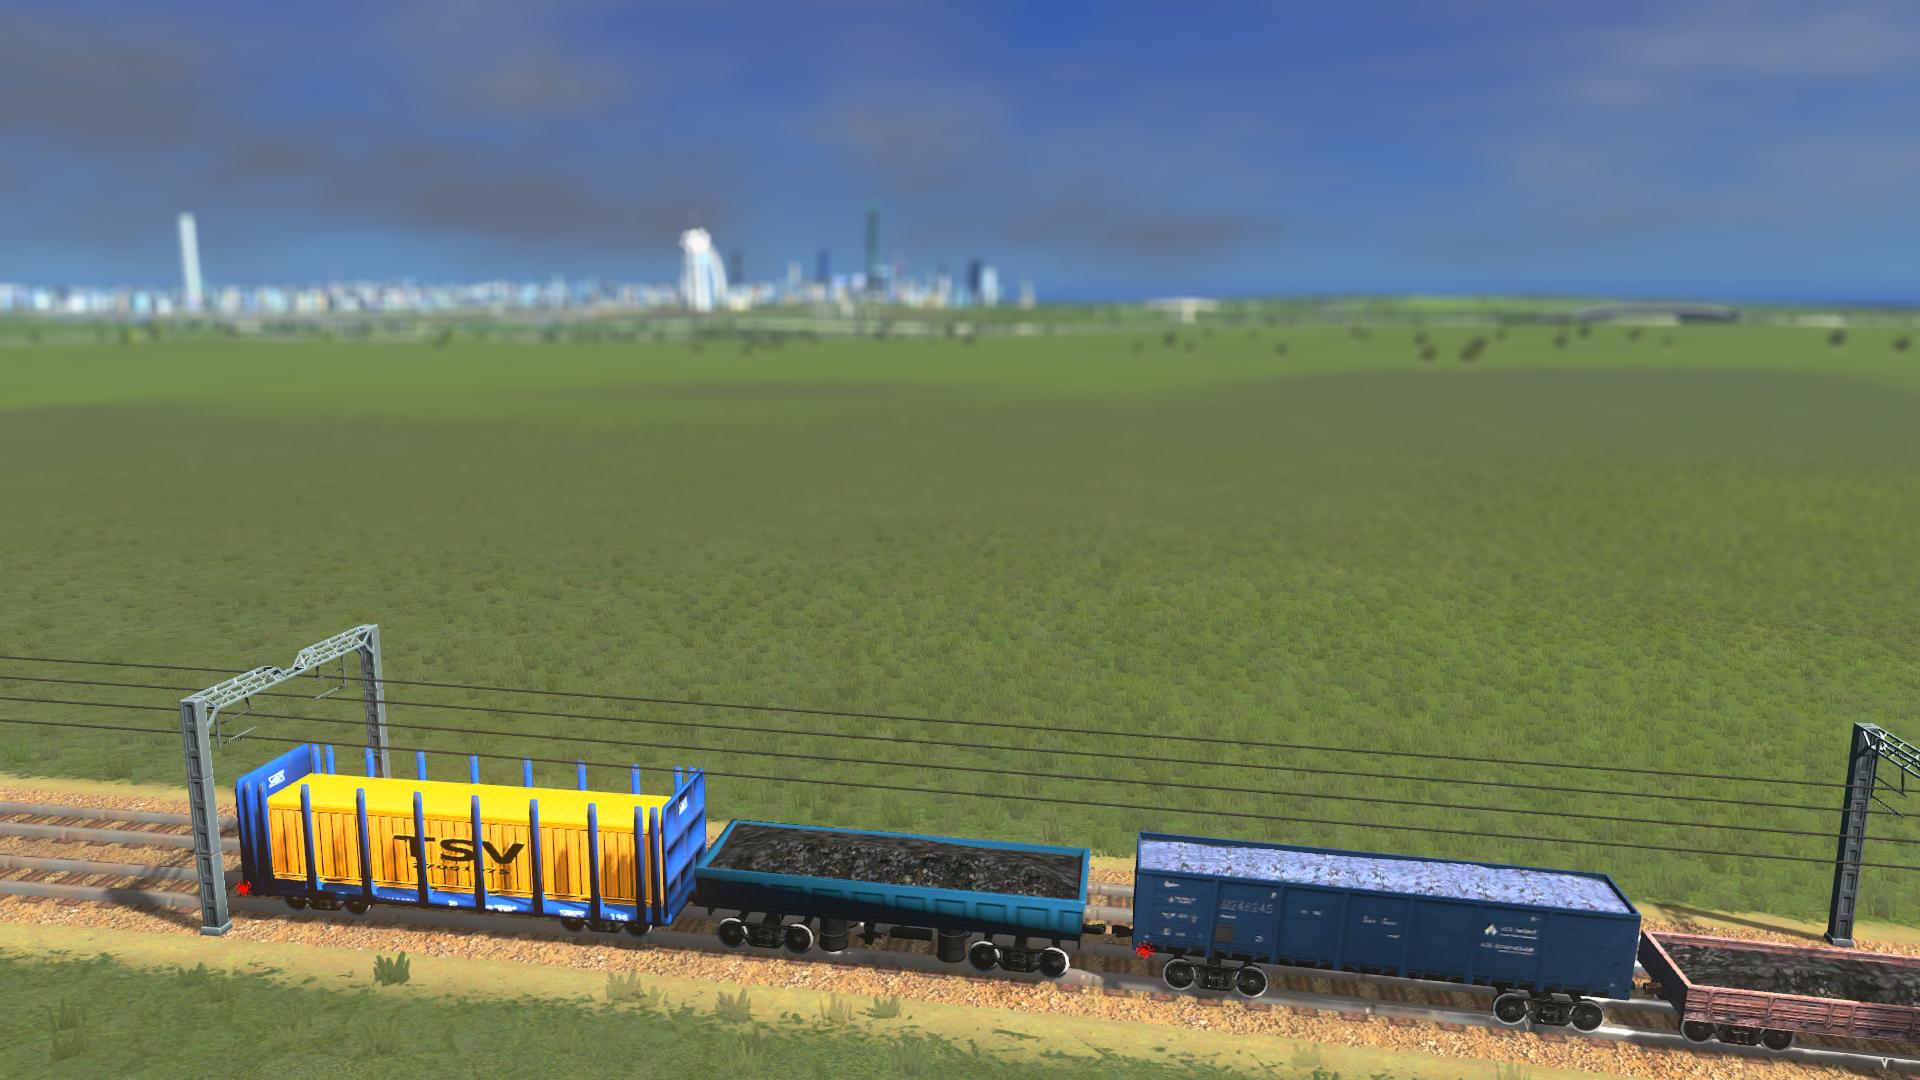 Российские вагоны - Cities: Skylines 3D Моделирование, Вагон, Мод, Модель для игры, Россия